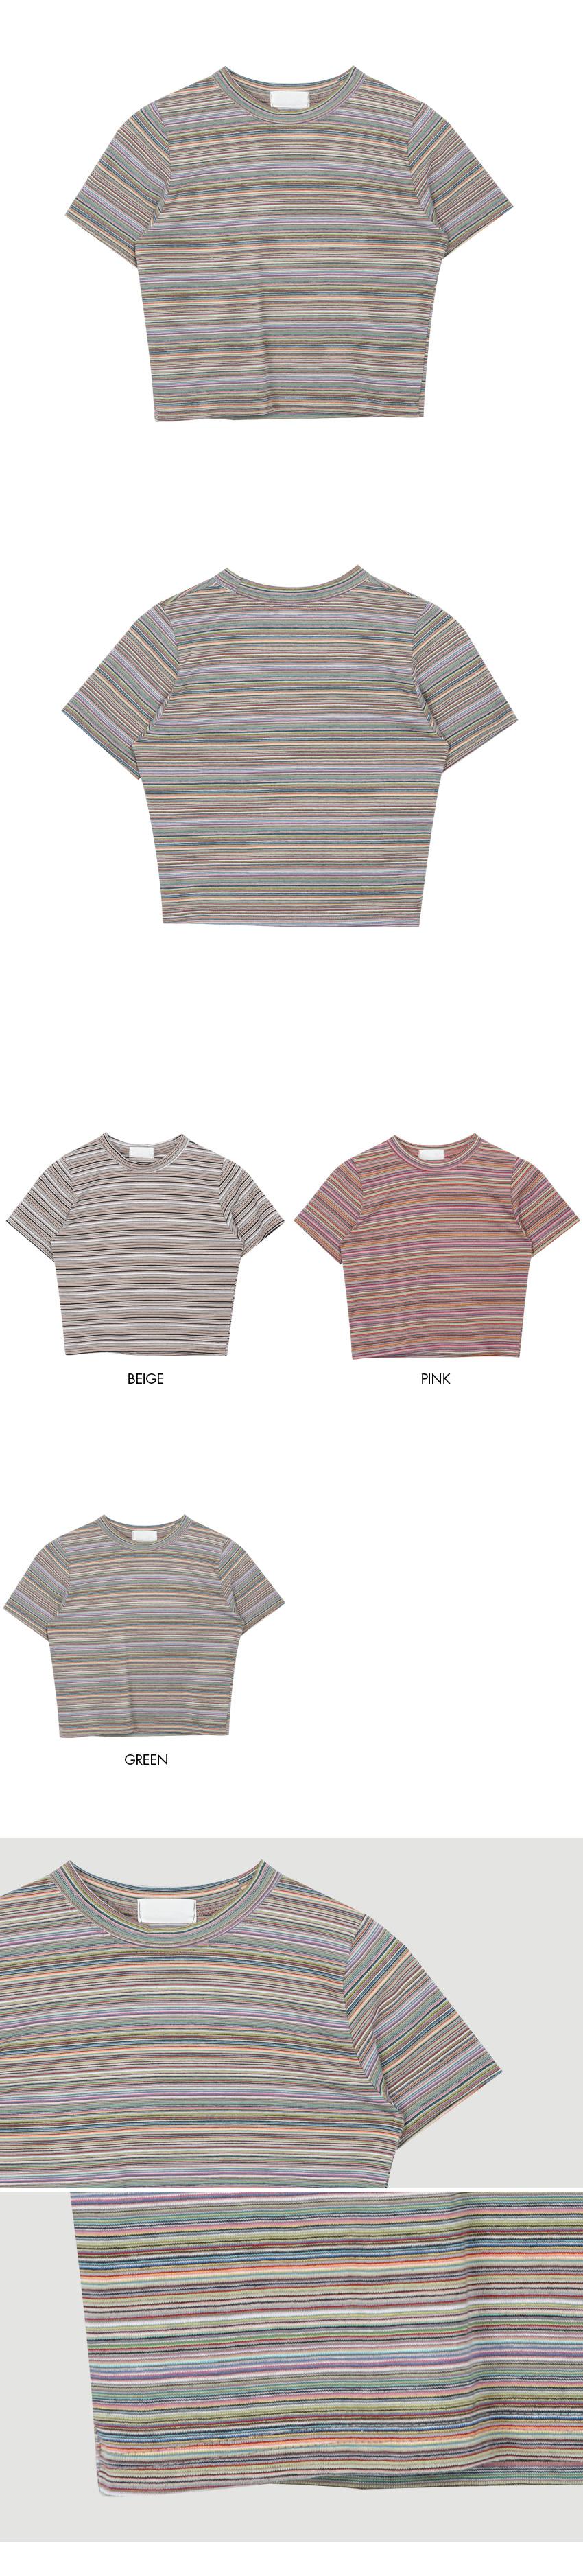 Brush Sprite T-shirt